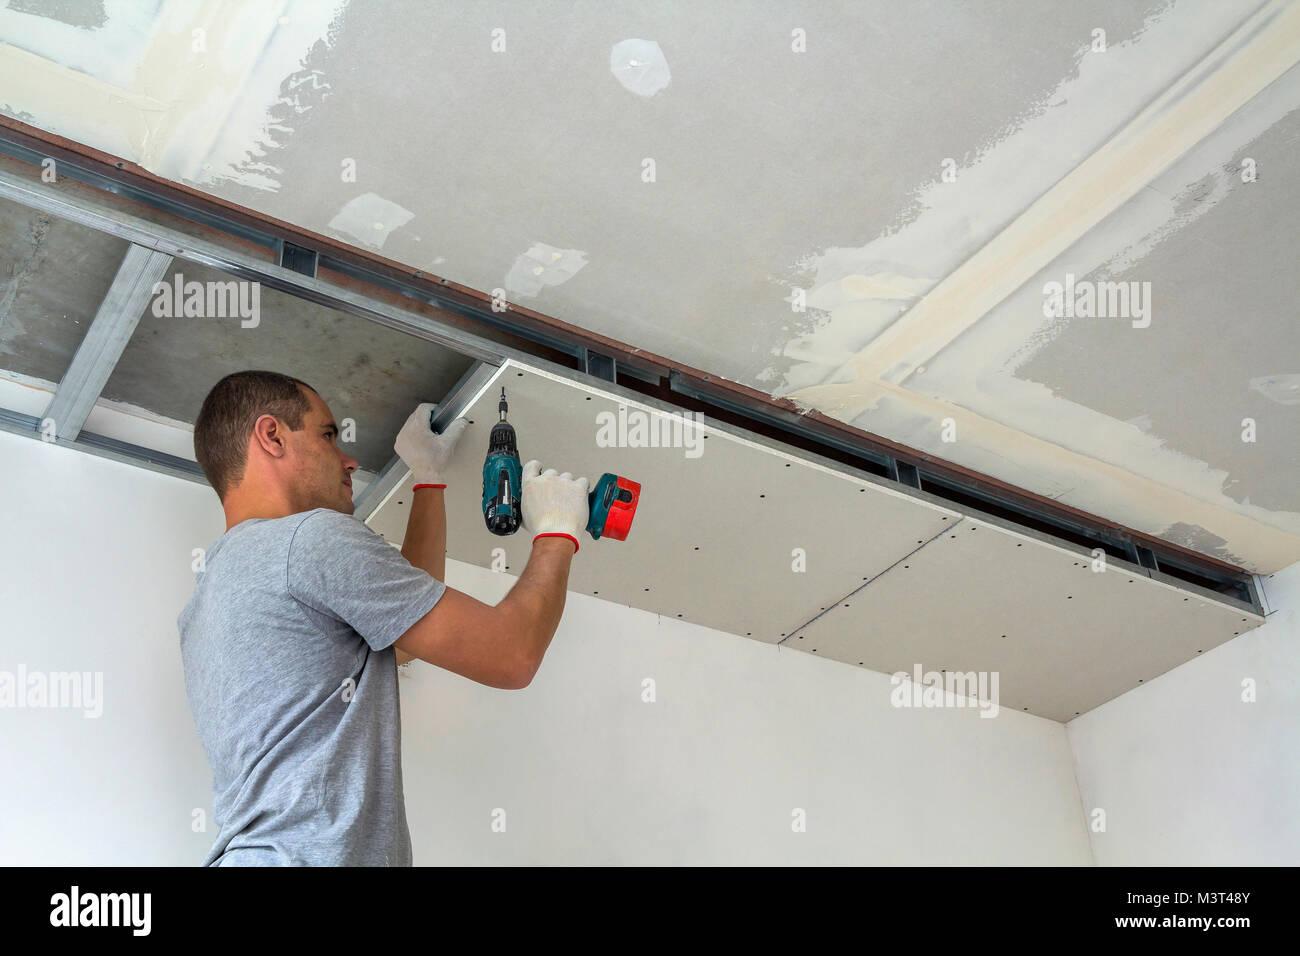 Bauarbeiter Zusammenbauen einer abgehängten Decken mit Gipskarton ...